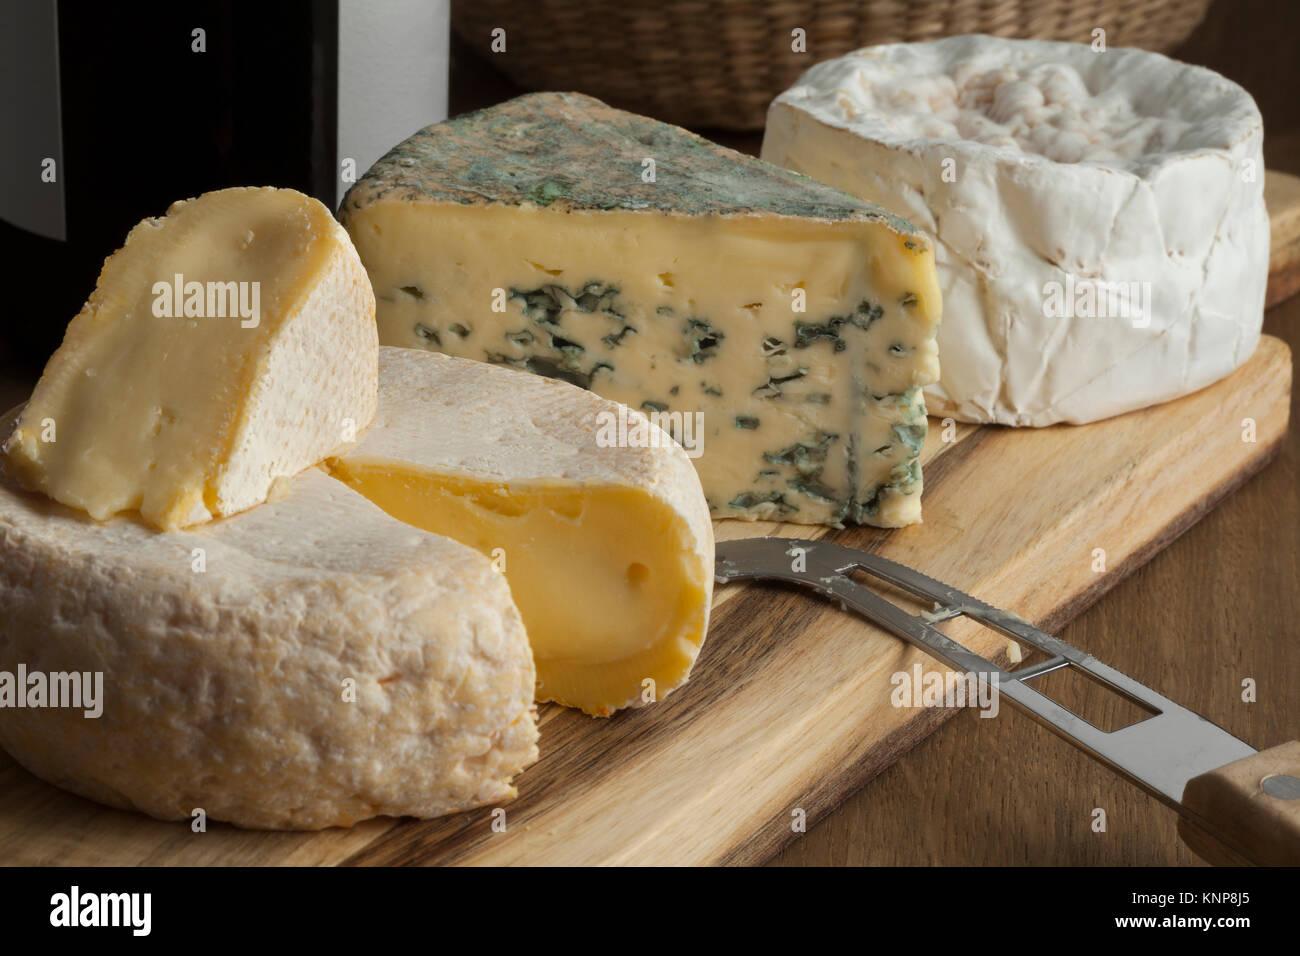 Plateau de fromages français avec variété de fromages différents pour le dessert Banque D'Images